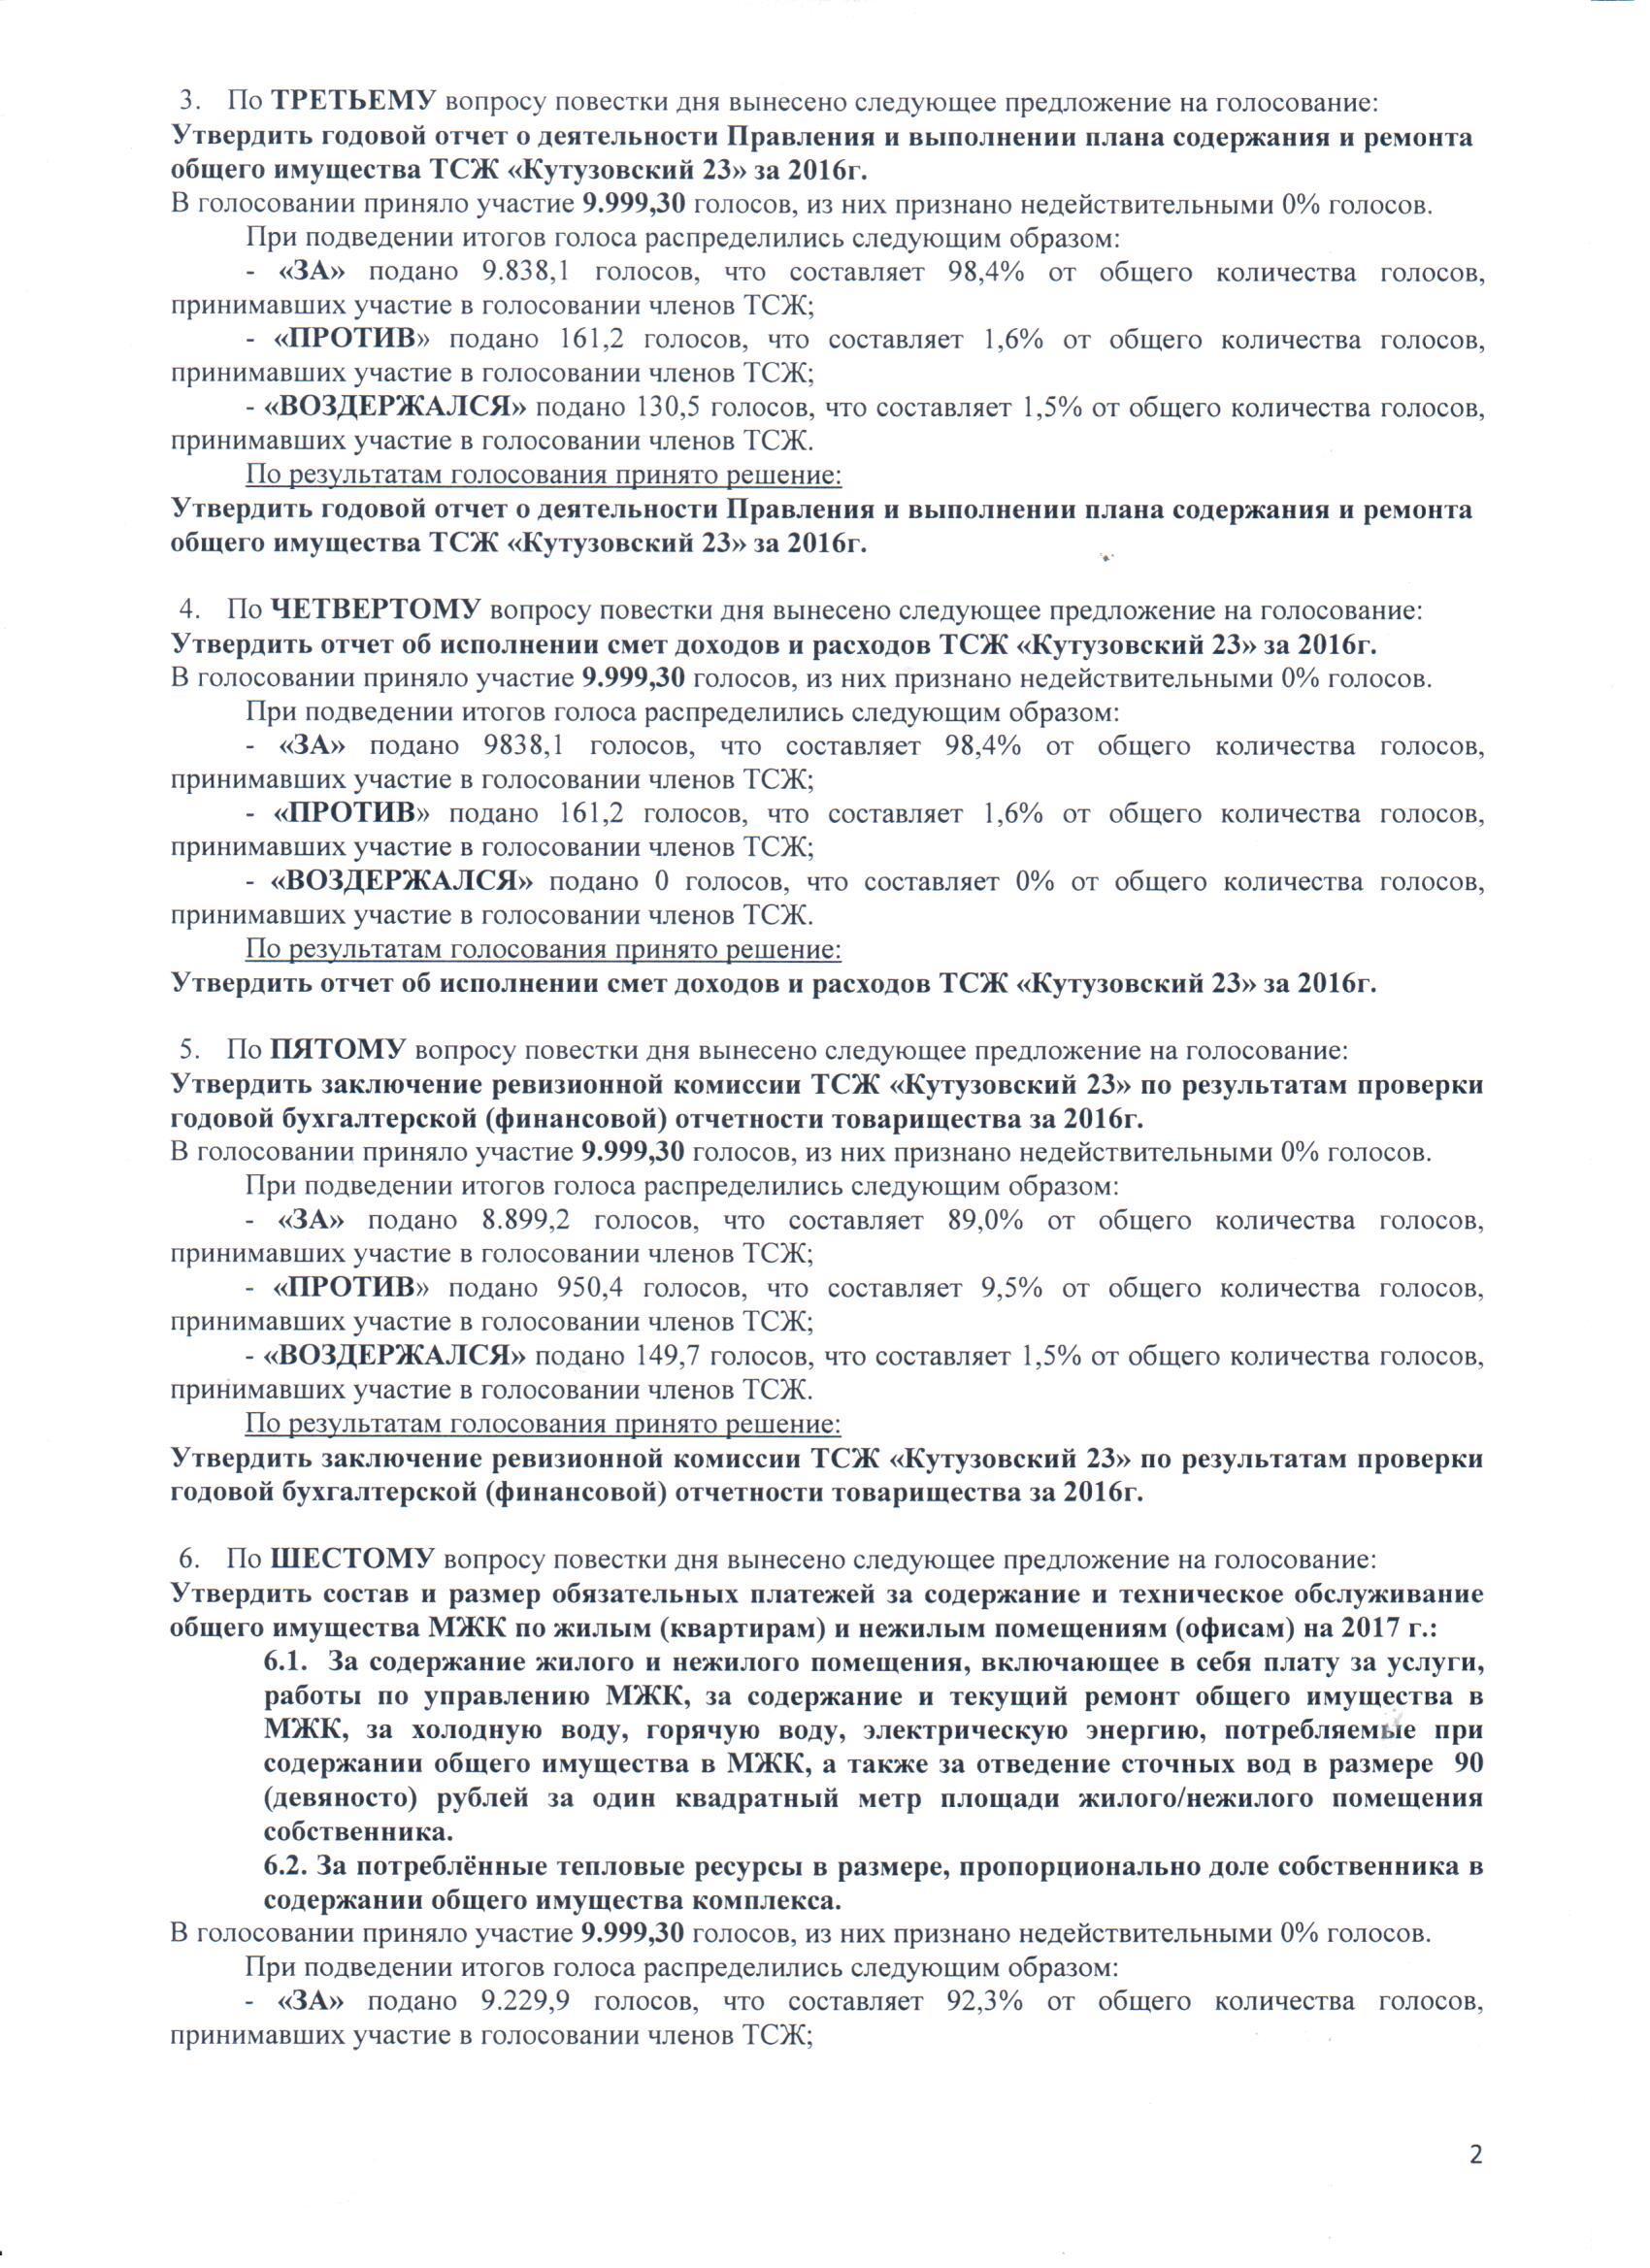 протоколы годовых собраний